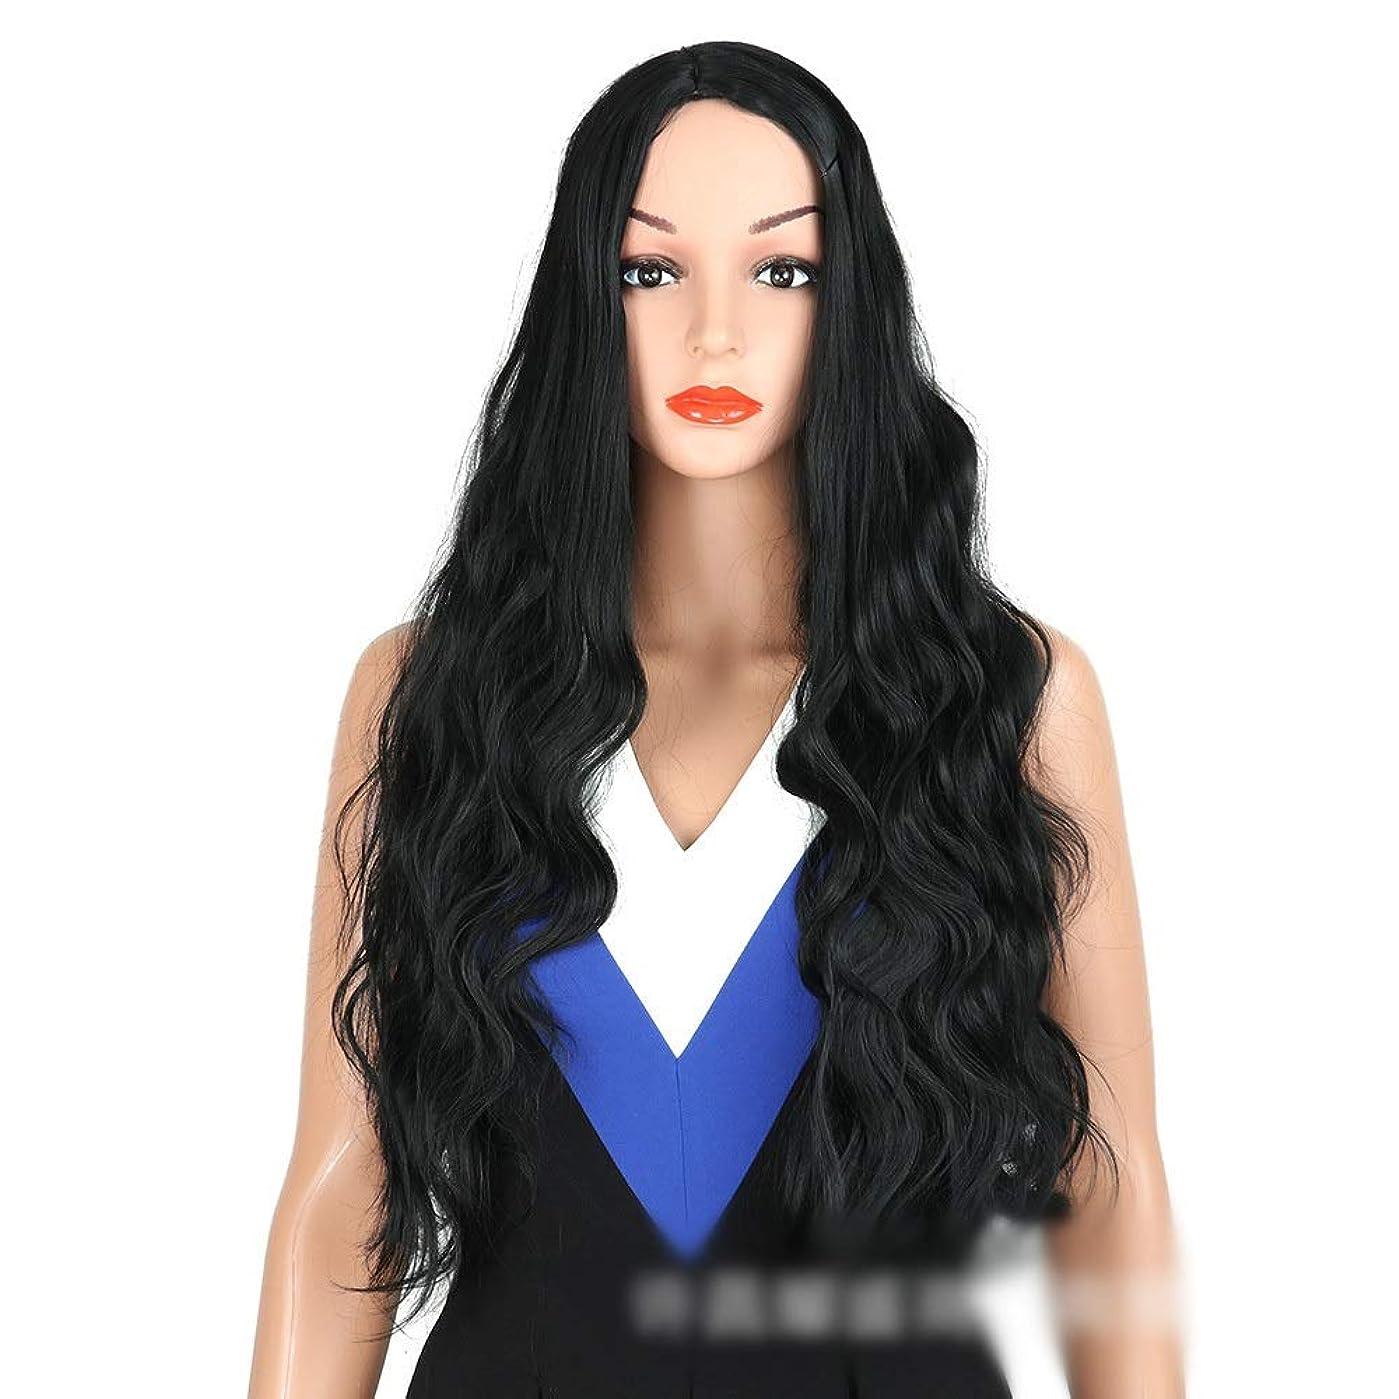 抵抗力がある大腿落胆したYESONEEP 女性のライトブロンドの実体波かつらファッションロングカーリーヘアミドルパートフリーキャップパーティーウィッグ (色 : 黒)